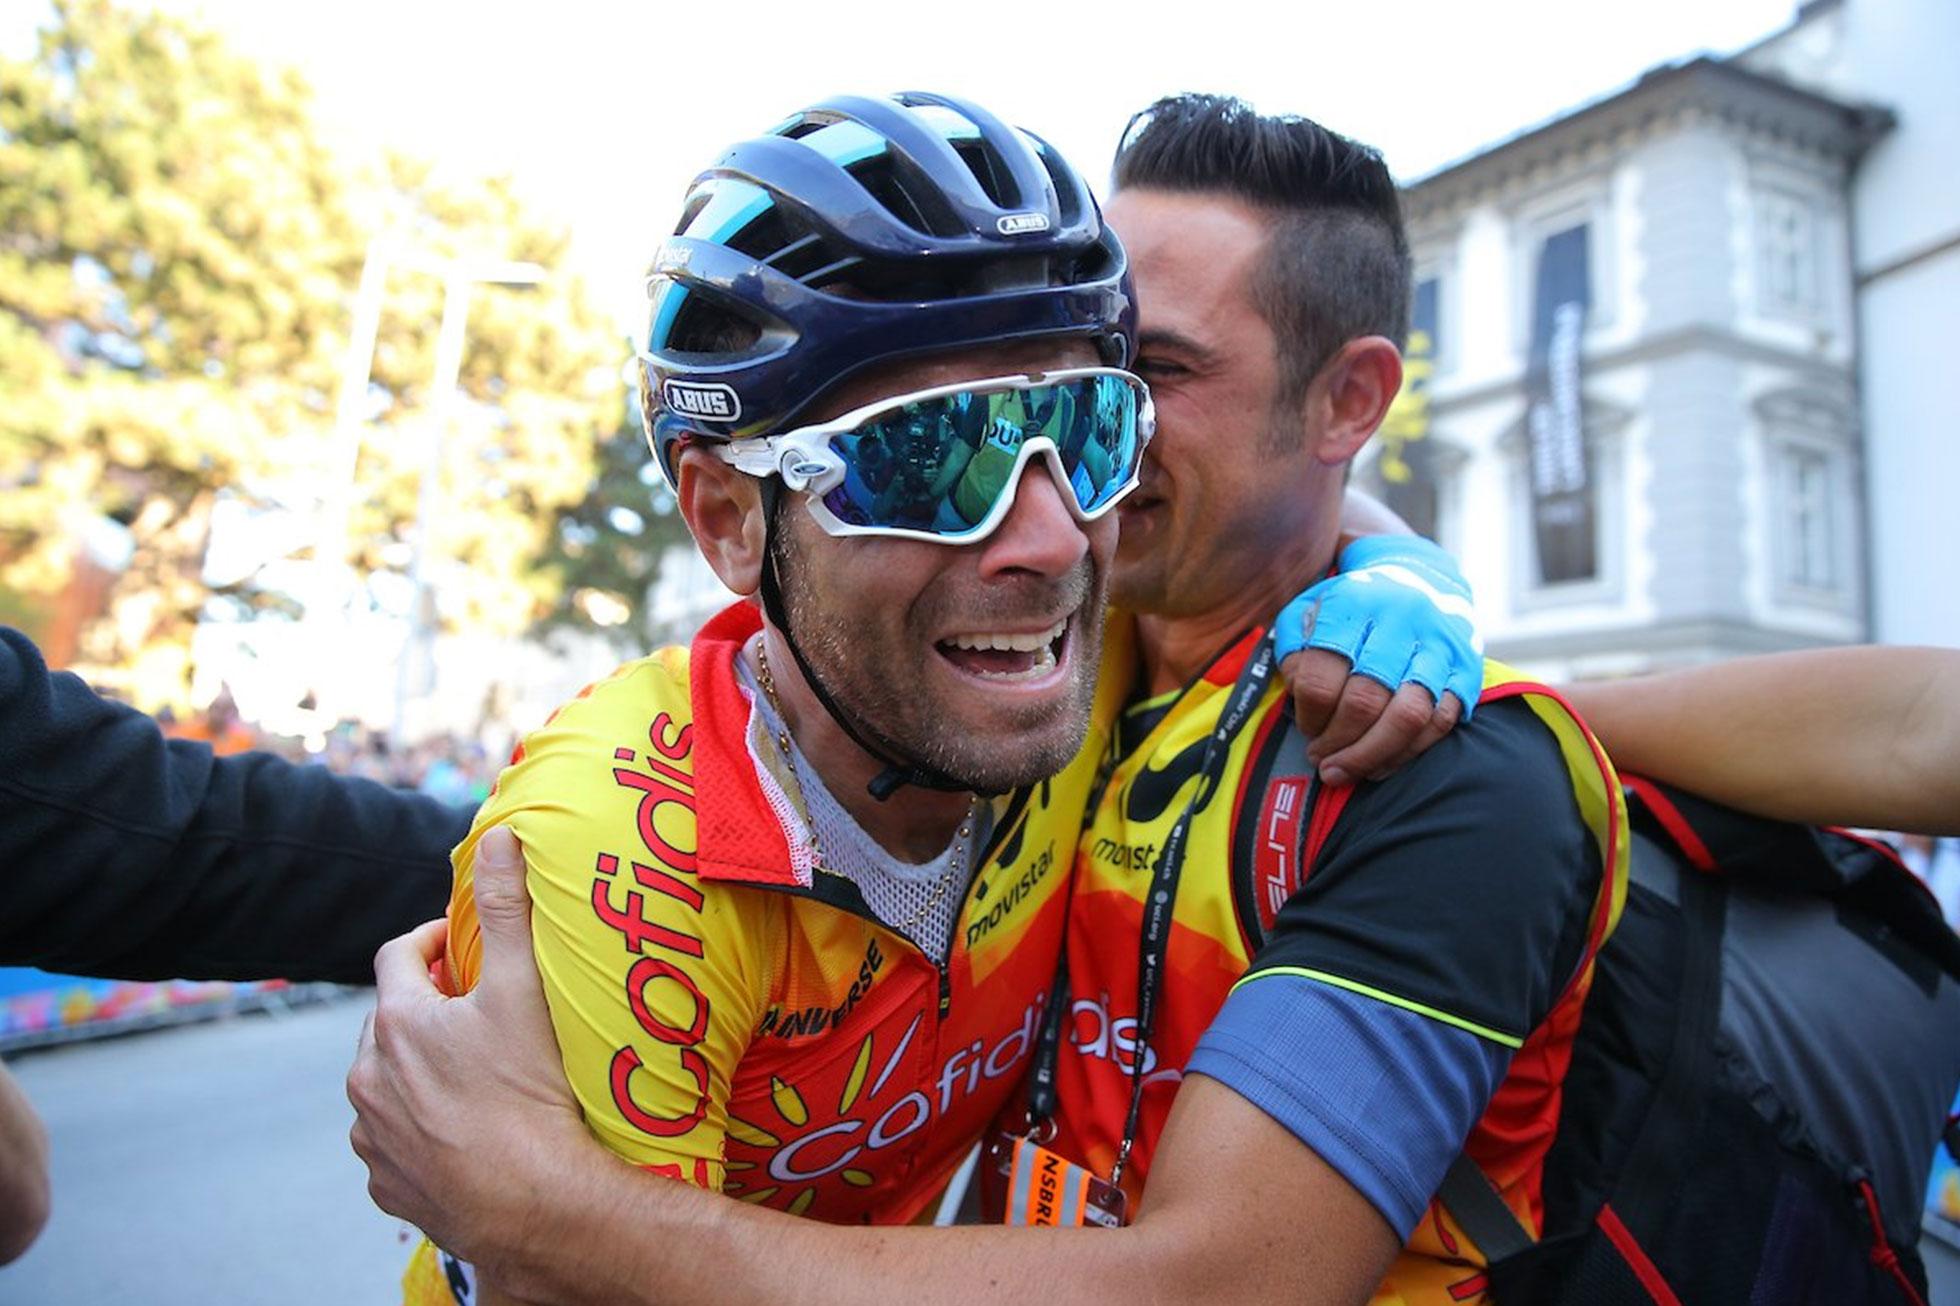 2018ロード世界選手権男子エリートロードレース優勝のアレハンドロ・バルベルデ